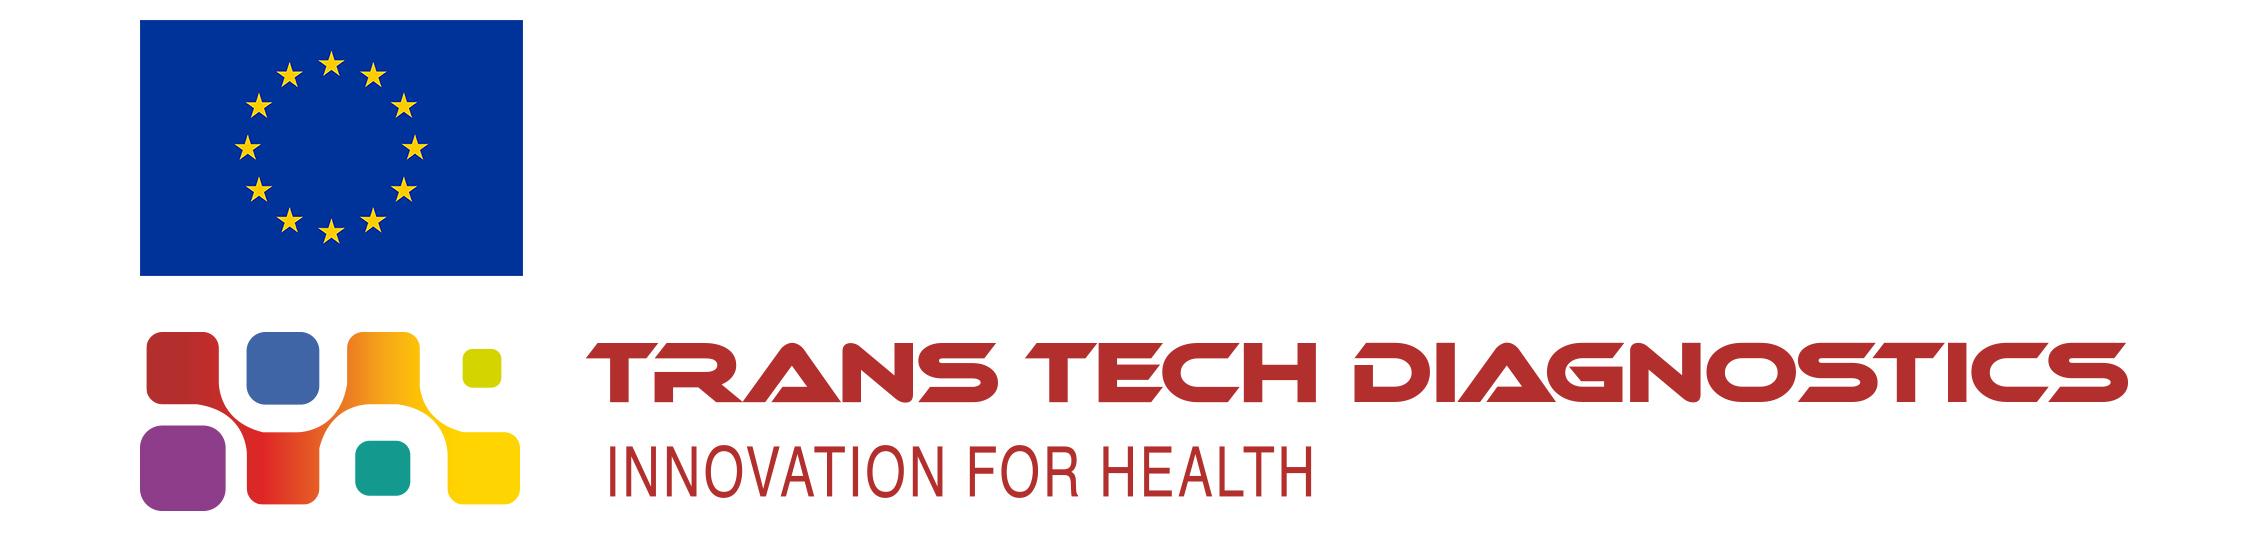 logo-TTD.jpg#asset:2188